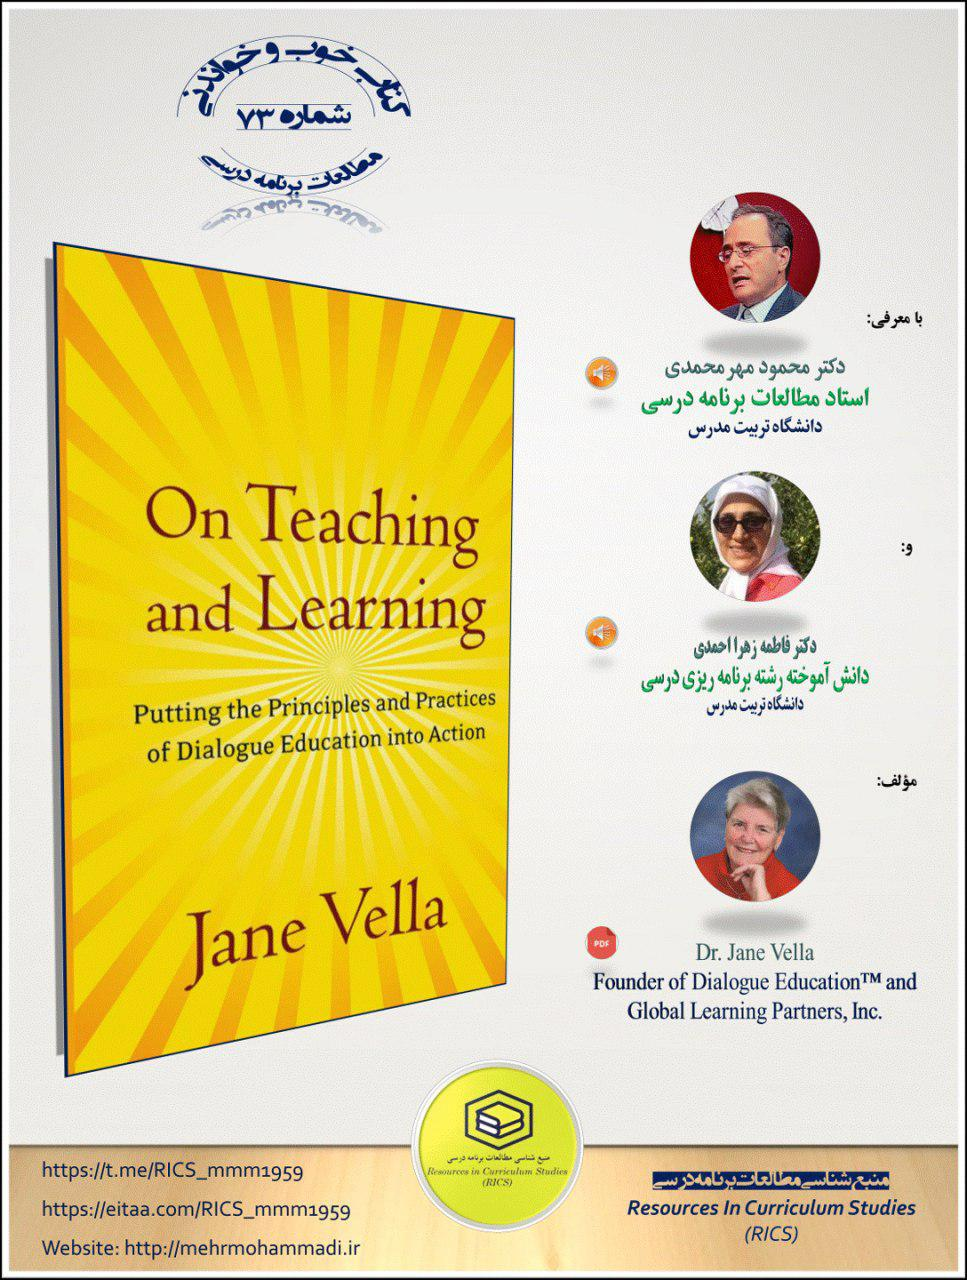 تدریس و یادگیری: کاربرد اصل ها و رسم ها در آموزش گفت و شنودی (ولا، ۲۰۰۸)